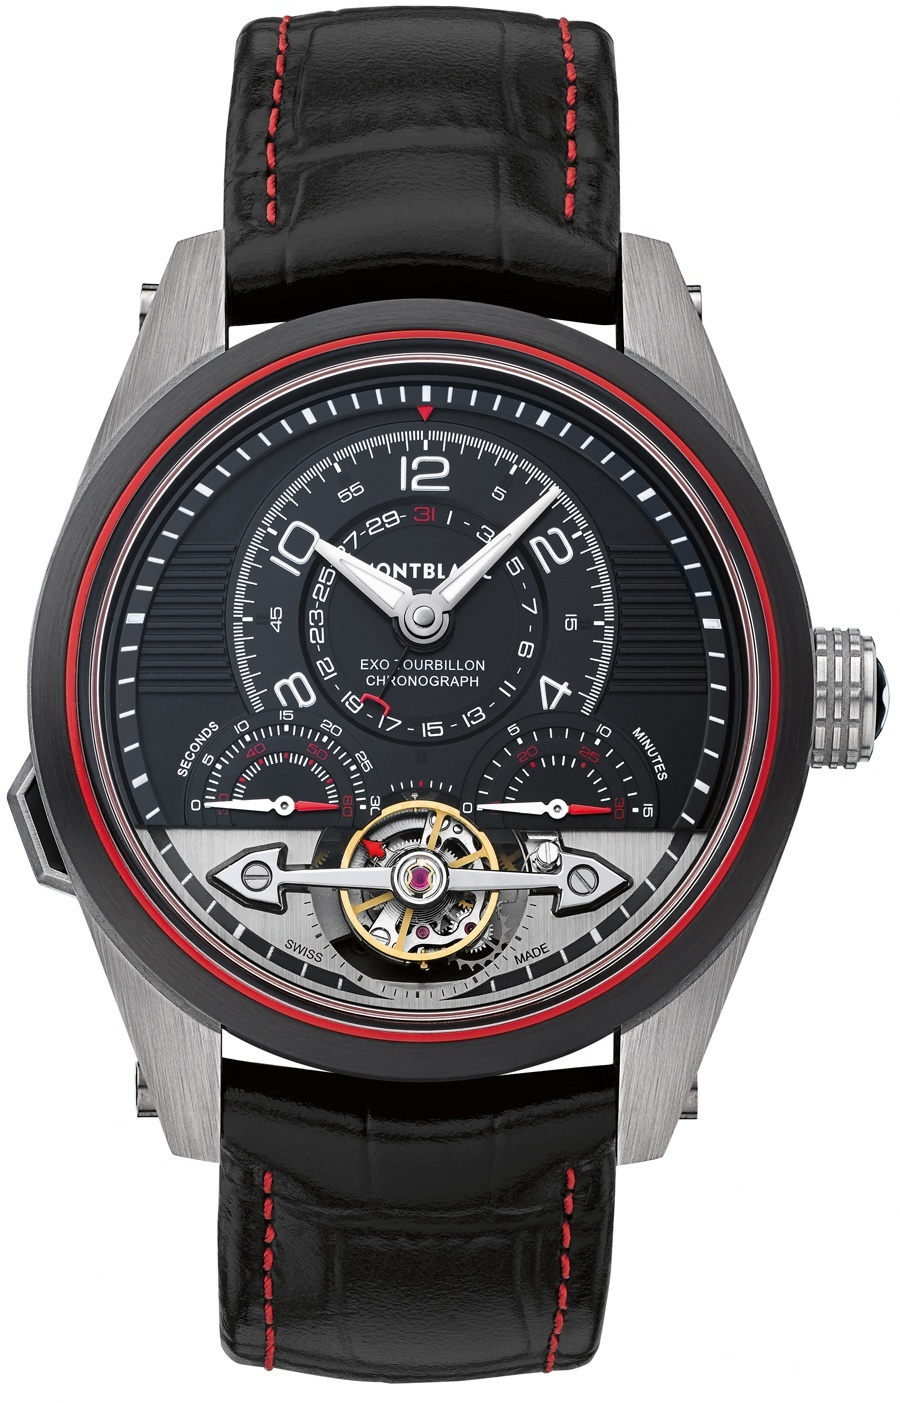 Montblanc TimeWalker ExoTourbillon Minute Chronograph LE 100 ID 112587